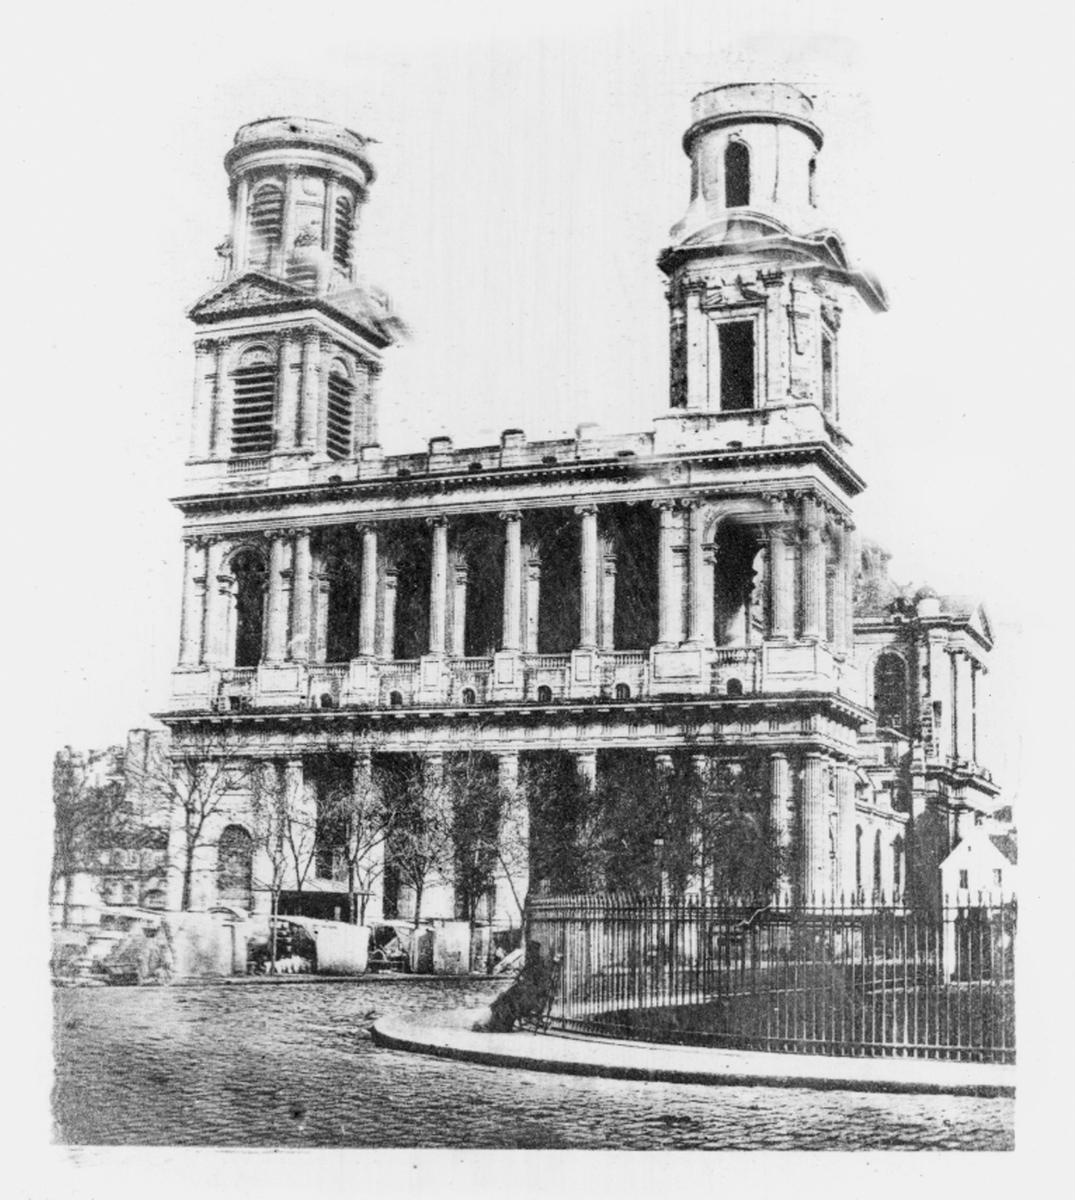 Fotogravyr. Gjort efter ett collodiumnegativ på glas. Belyst genom ett hartsraster. Kyrkan St Sulpice i Paris.